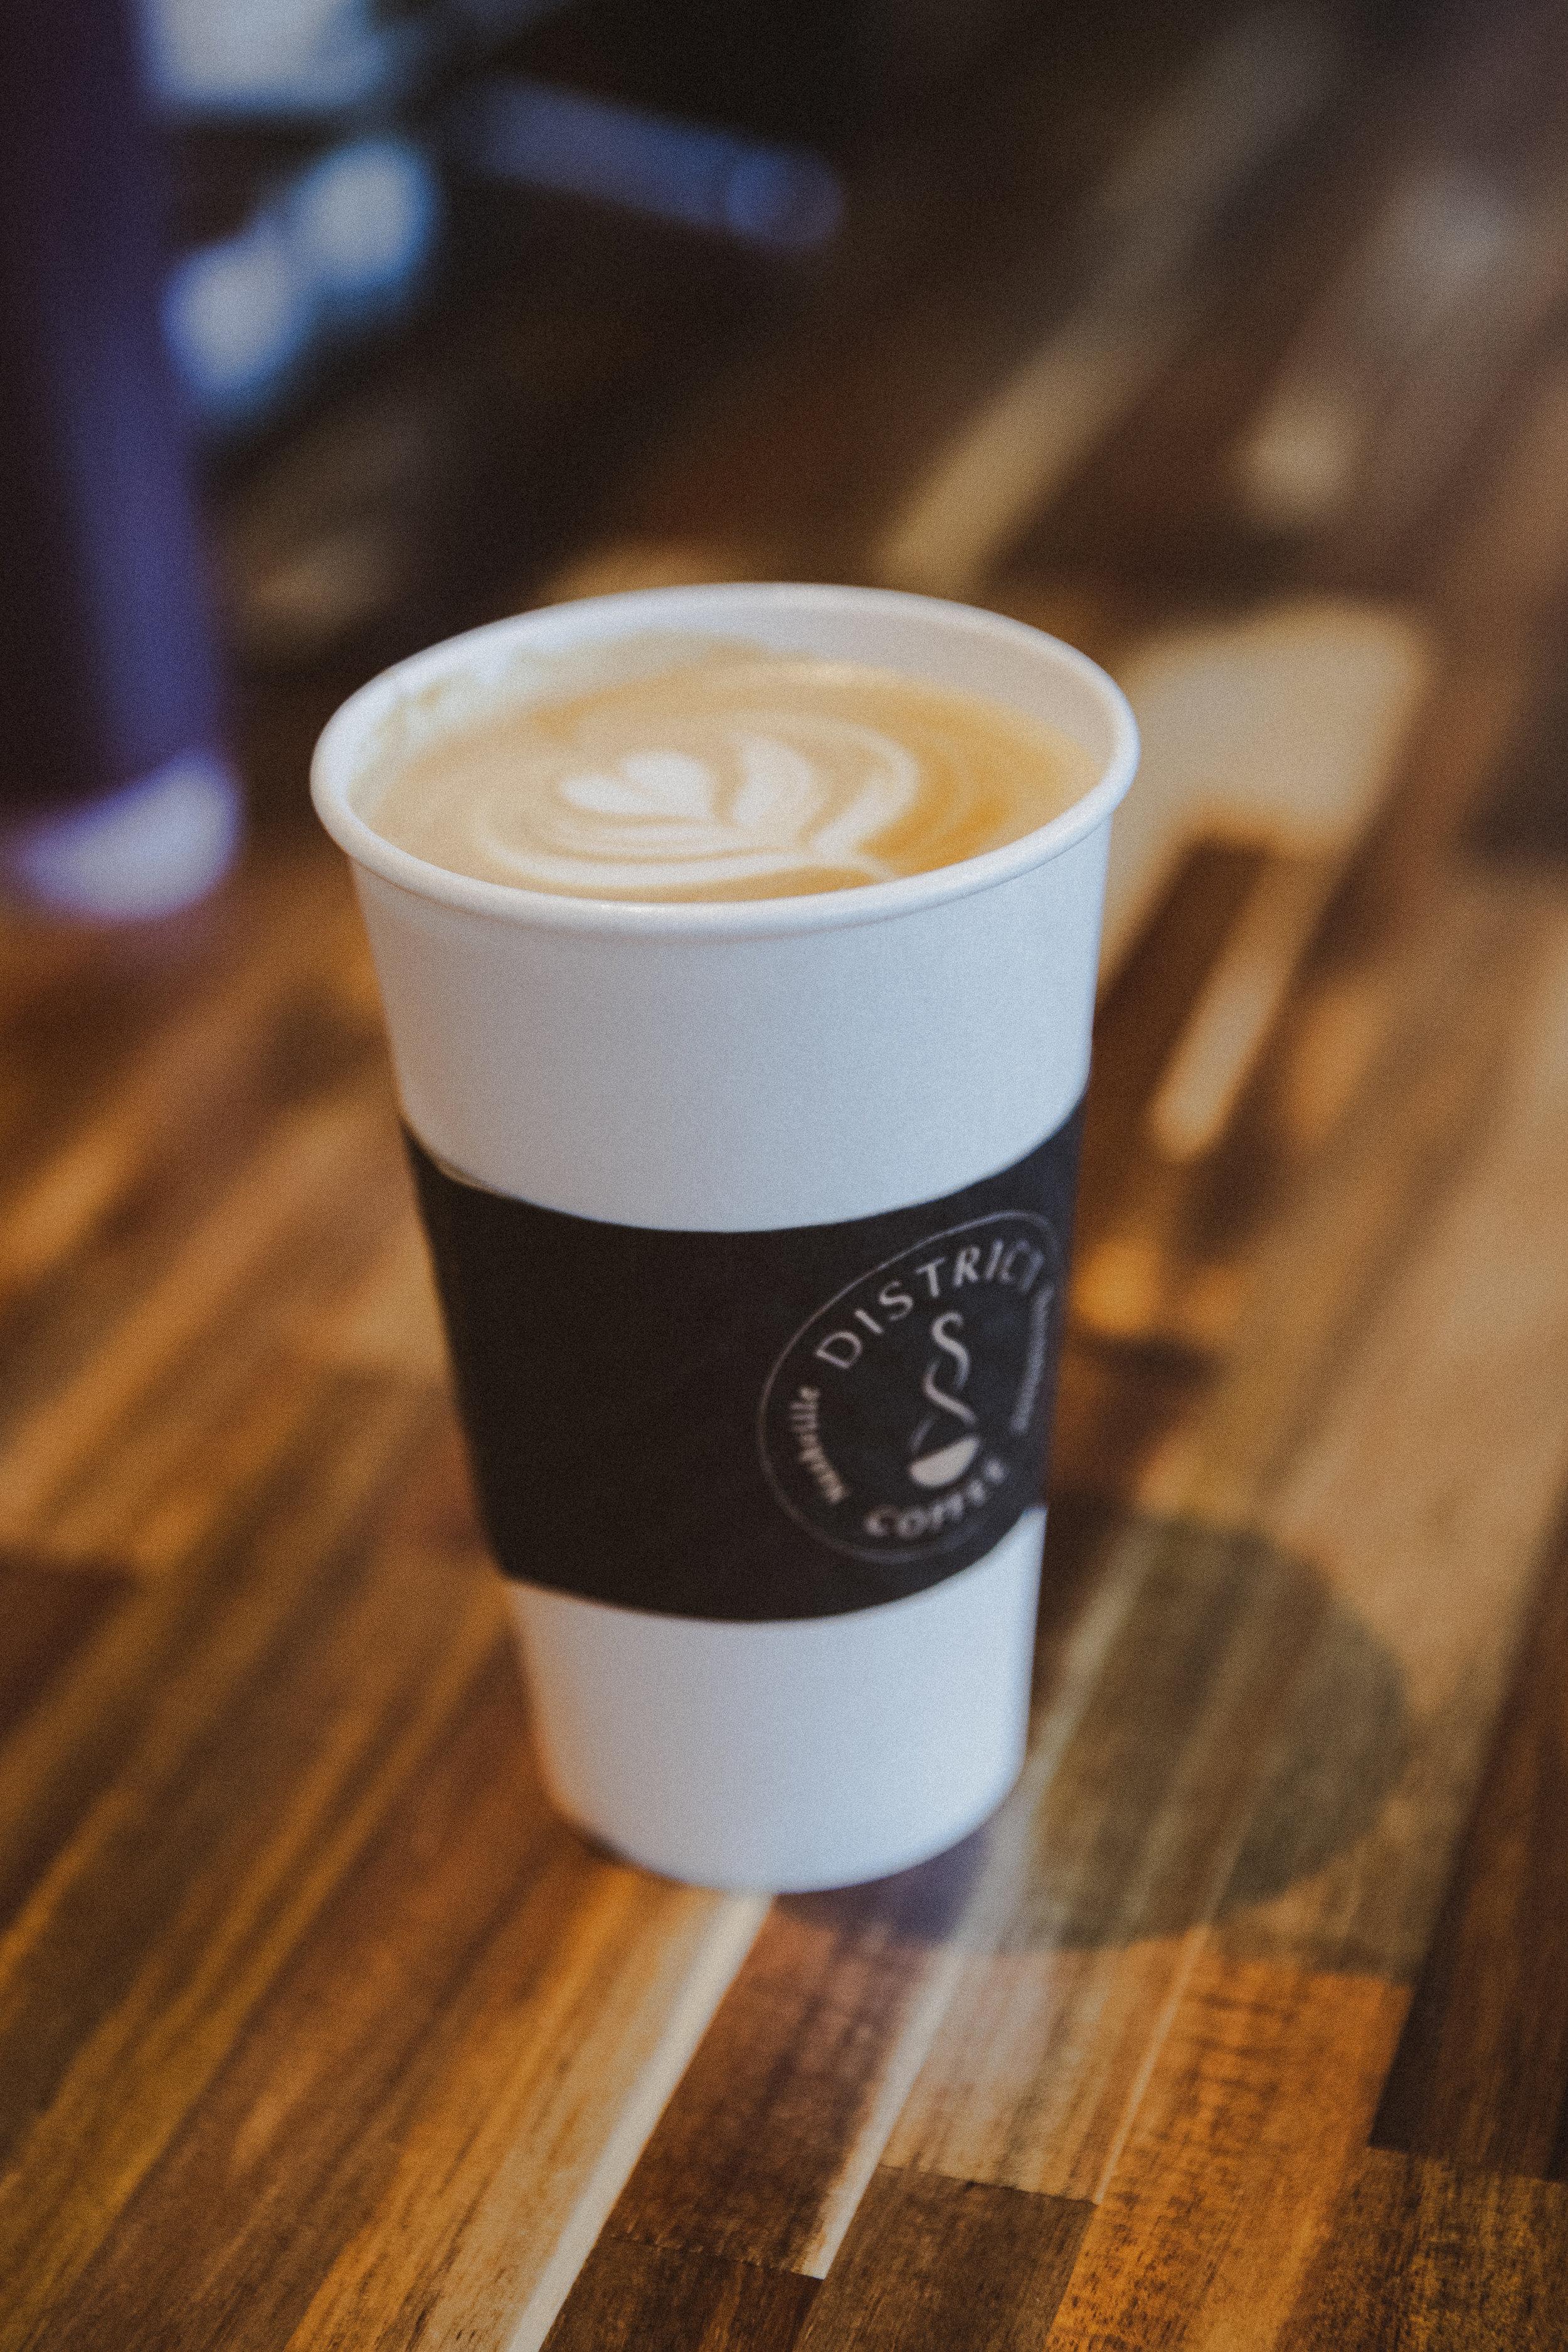 coffeeshop-photography-9I0596.jpg